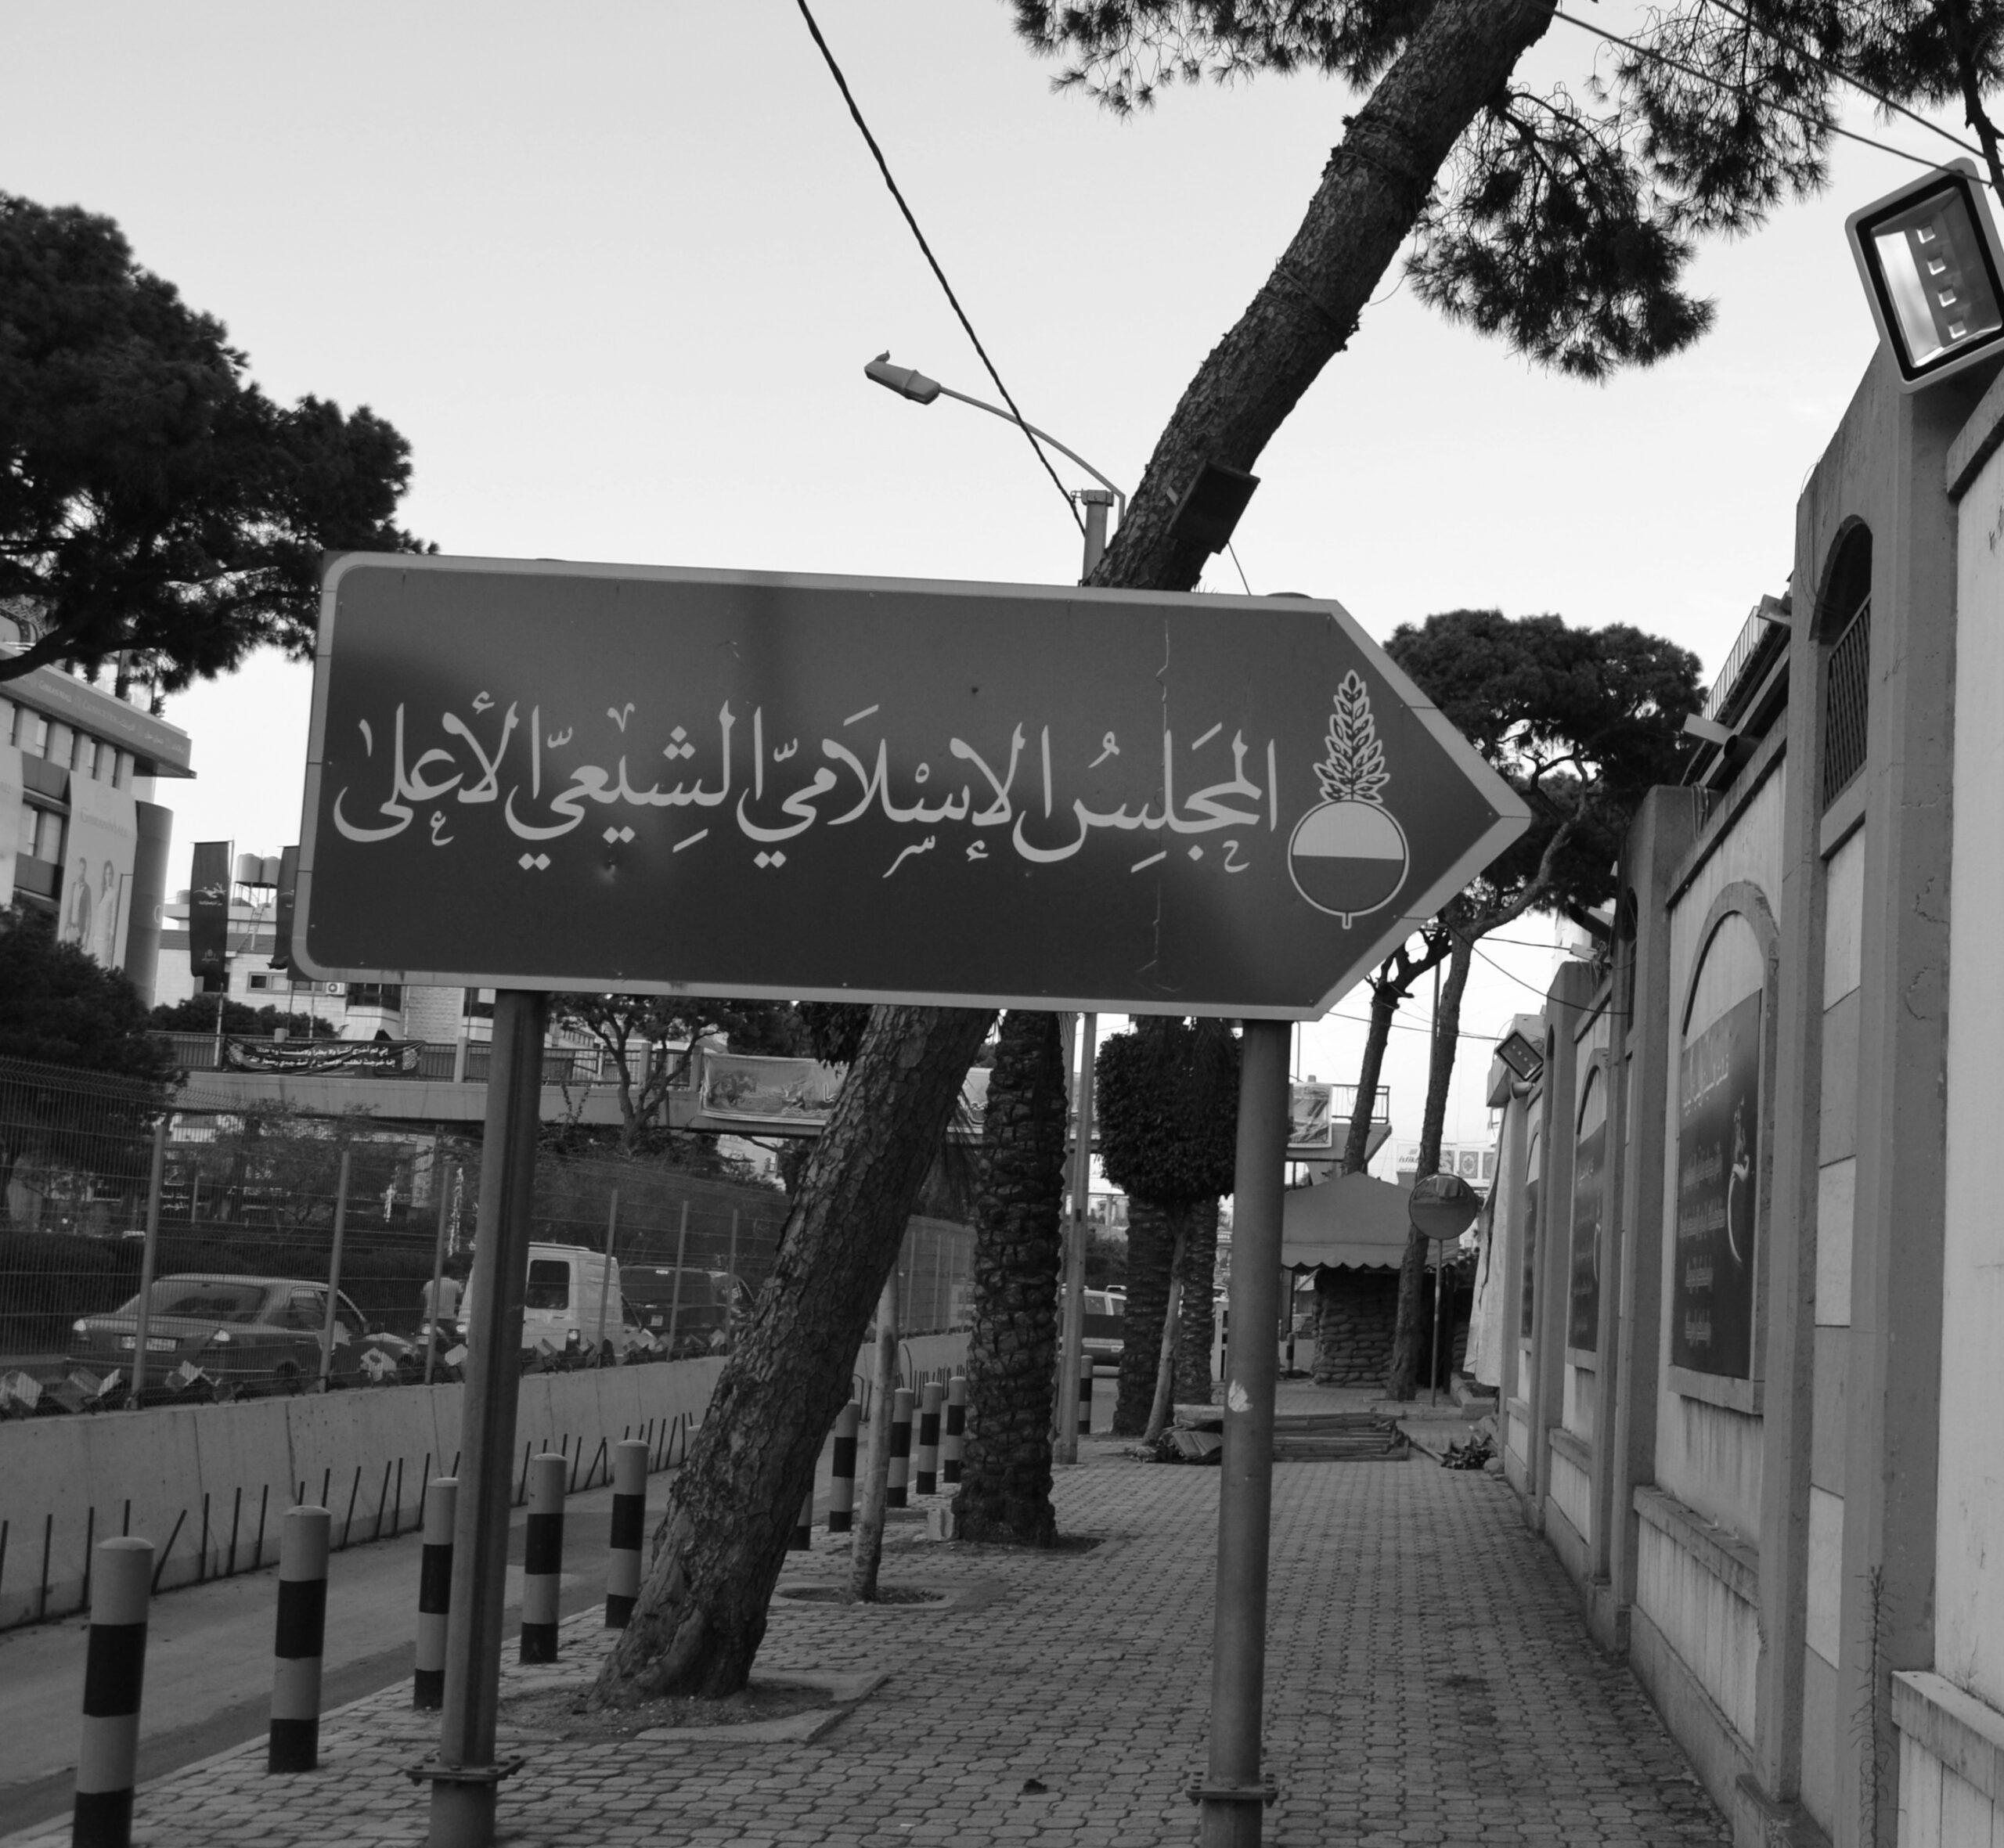 """ردّ من وكيل المجلس الإسلامي الشيعي الأعلى: هذا هو رأينا بشأن """"وقفية مسجد الإمام الصادق"""""""